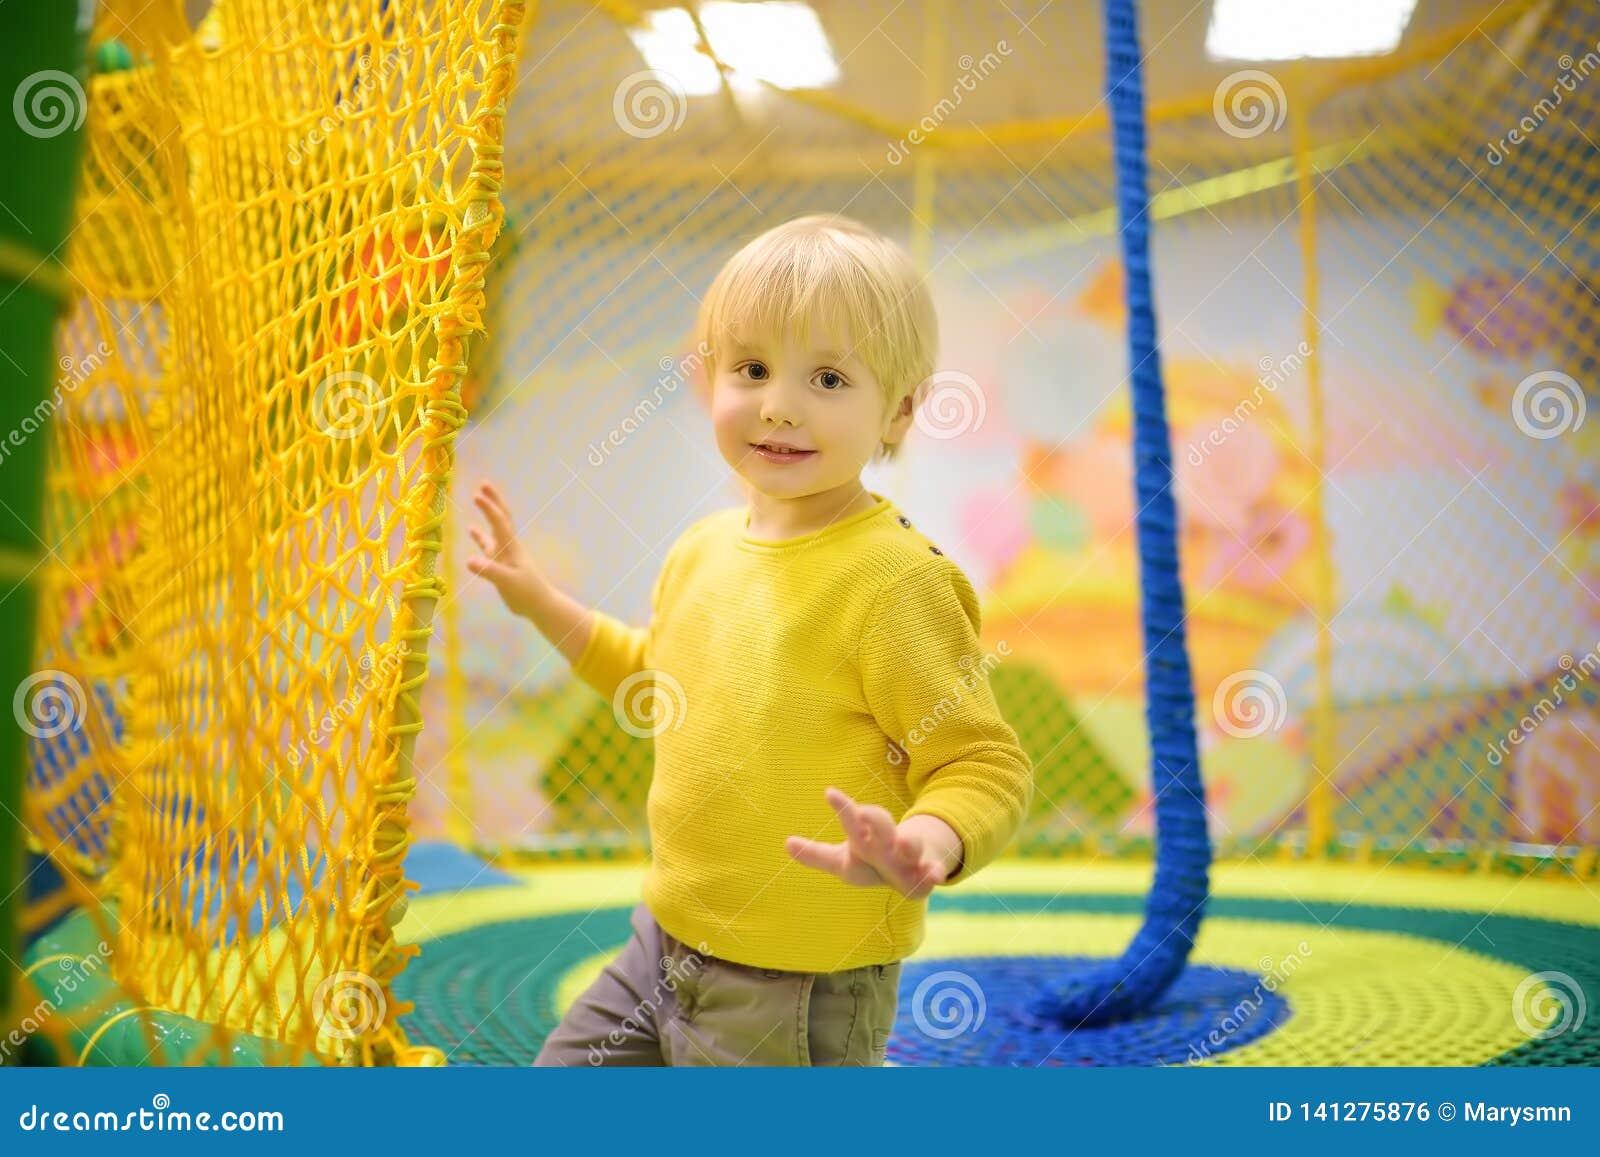 Gelukkig weinig jongen die pret in vermaak in spelcentrum hebben Kind het spelen op binnenspeelplaats